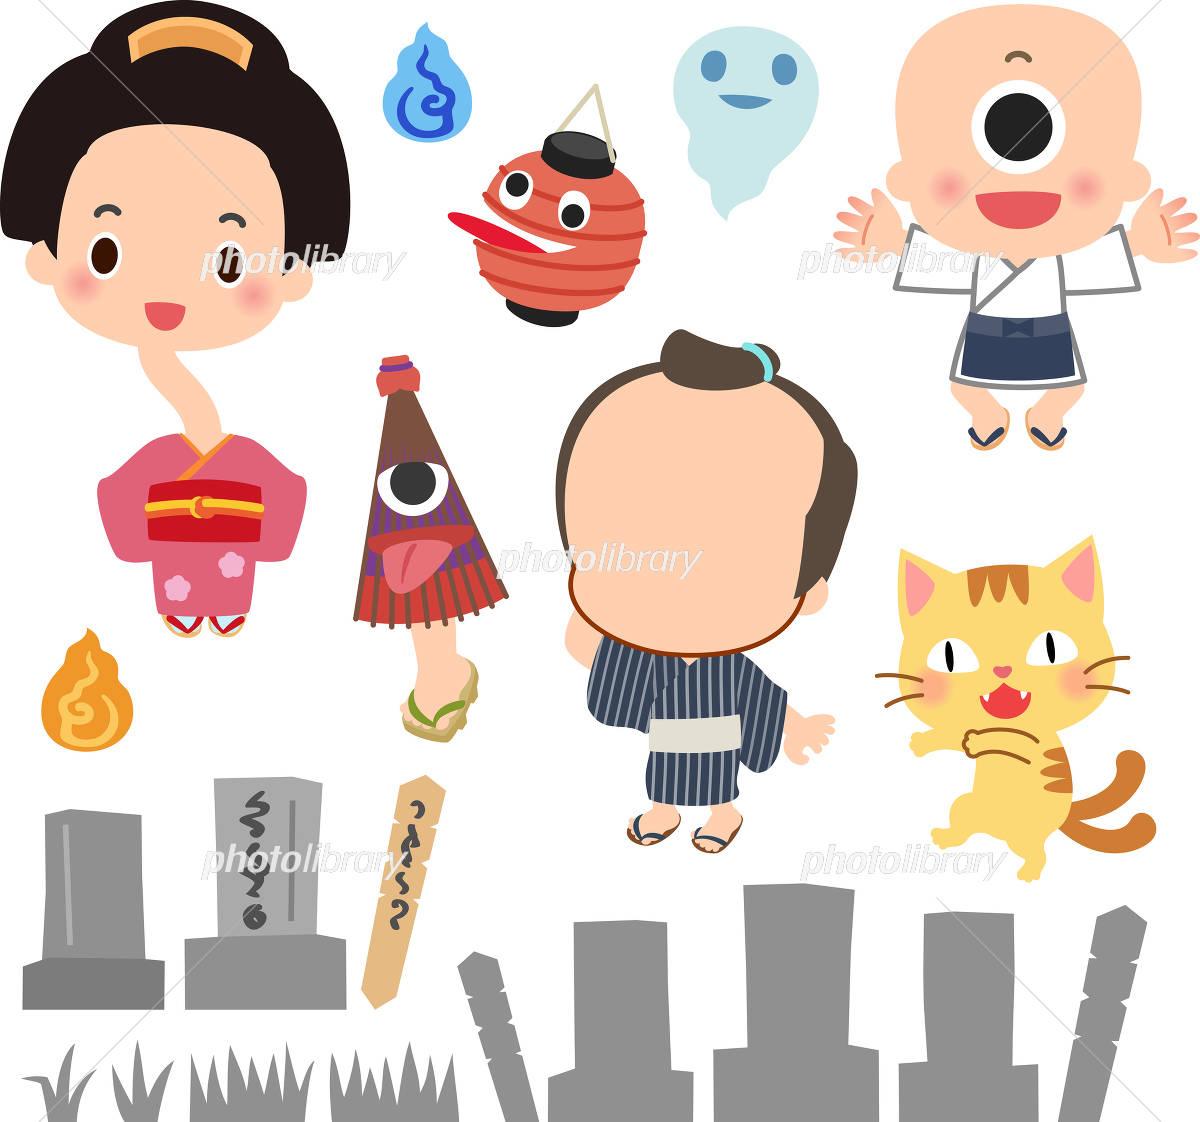 日本の妖怪とお墓のイラストセット イラスト素材 4496962 フォト